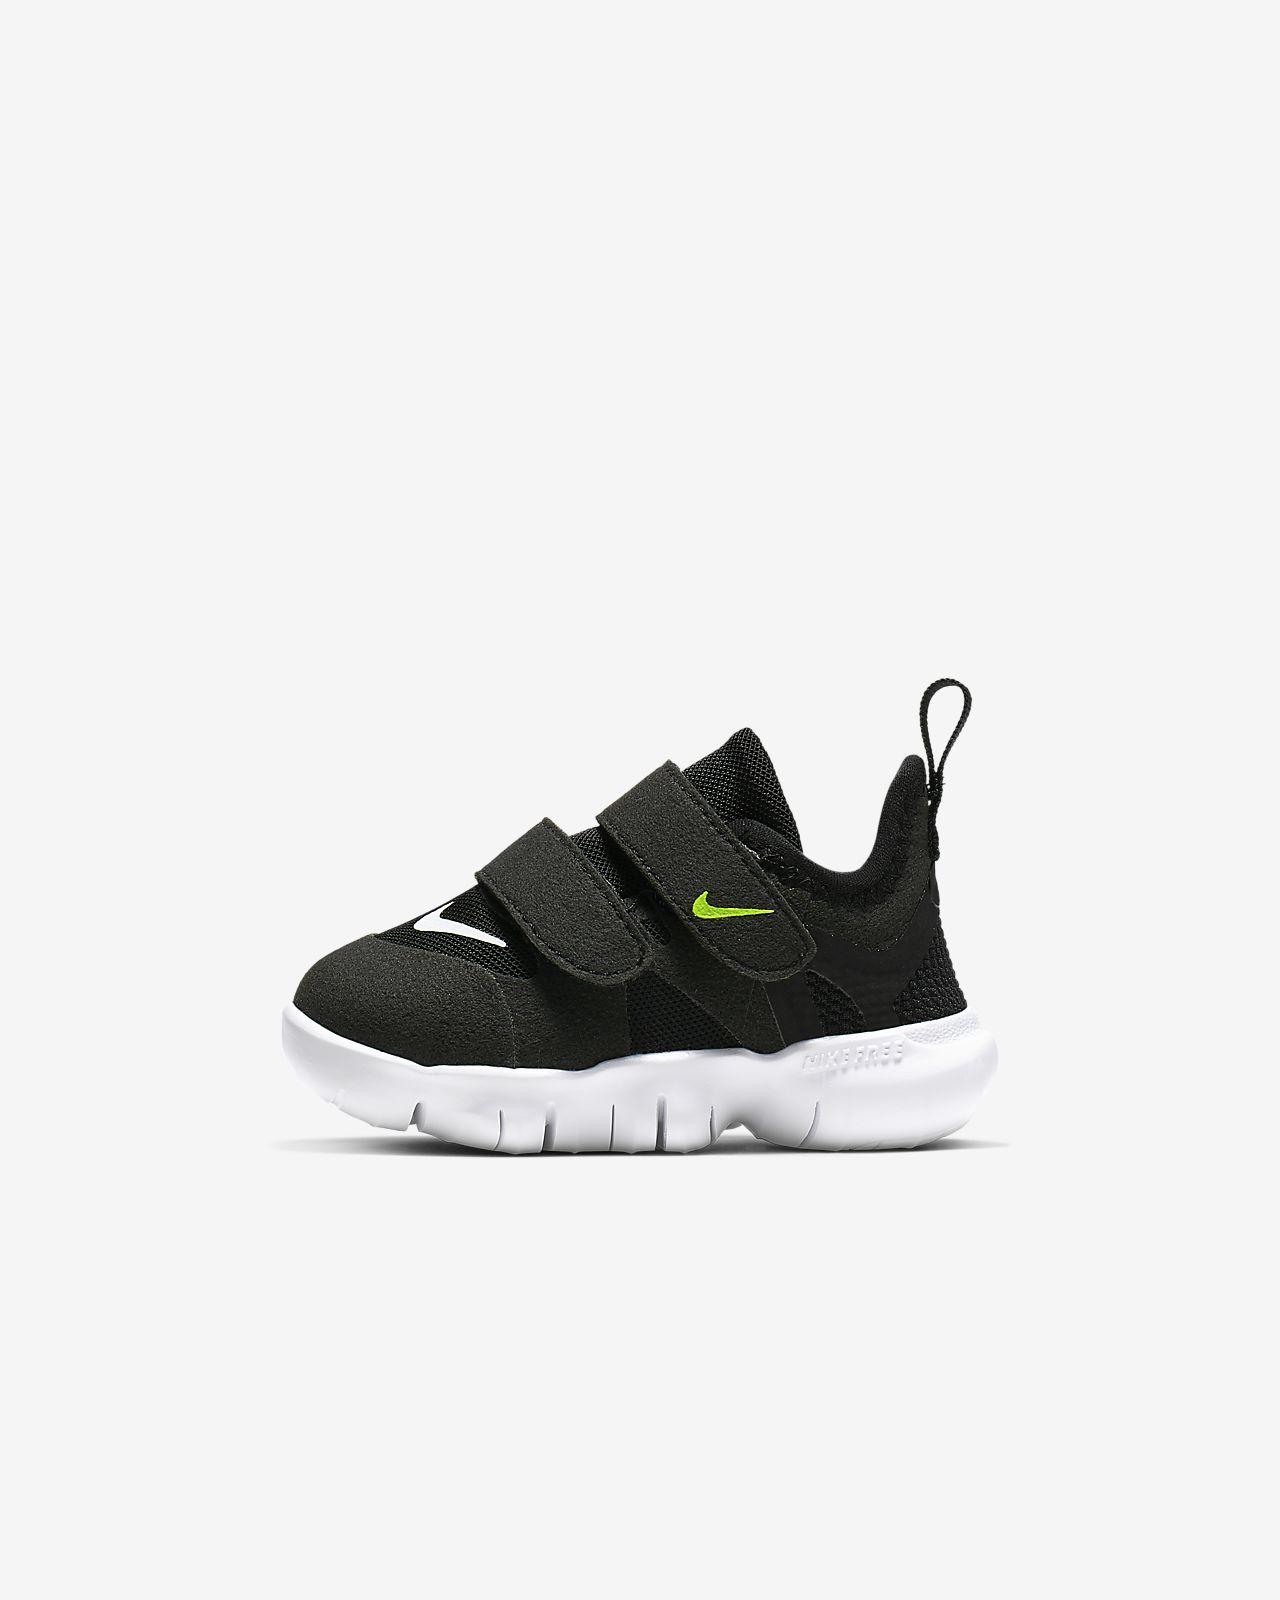 Nike Free RN 5.0 Zapatillas Bebé e infantil